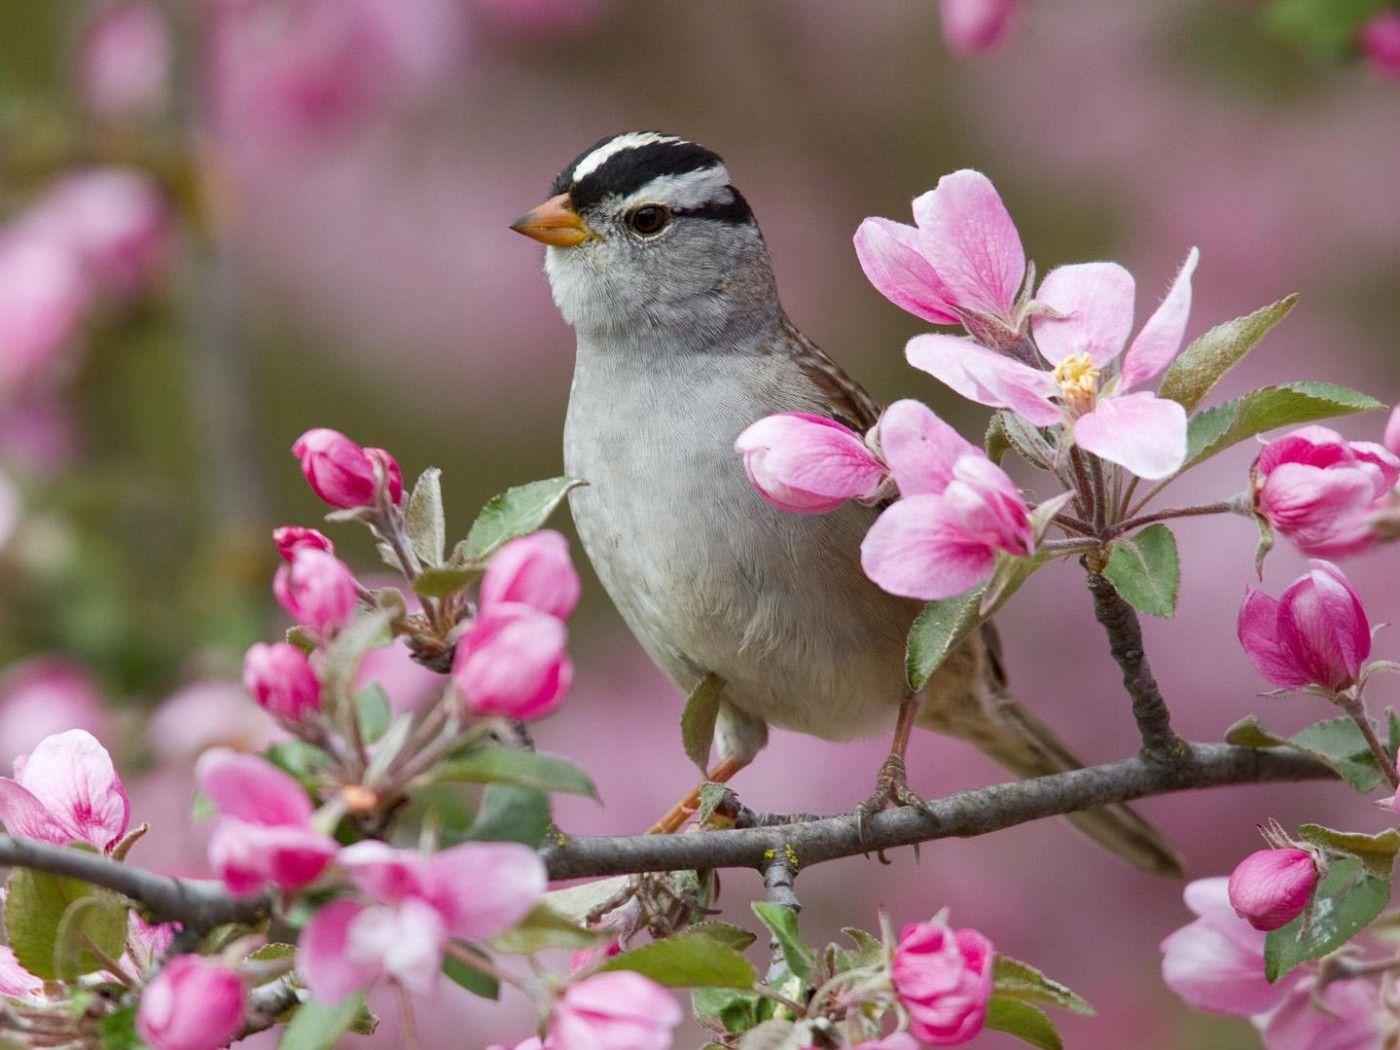 wallpaper little bird beautiful flower photography close up